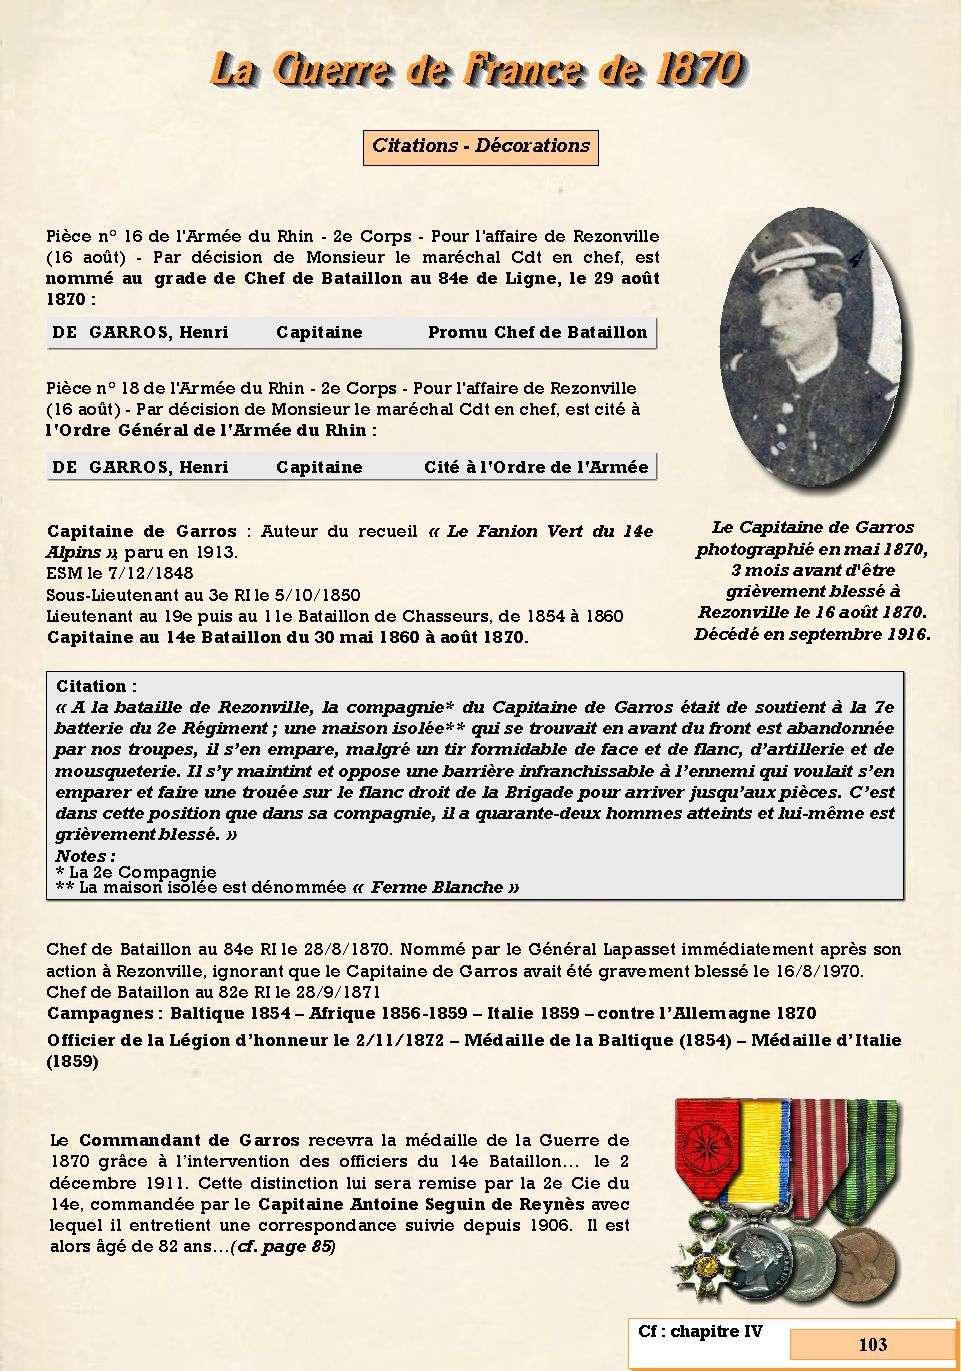 L'Historique du 14e Bataillon de Chasseurs. 1854 - 1962 Page_127